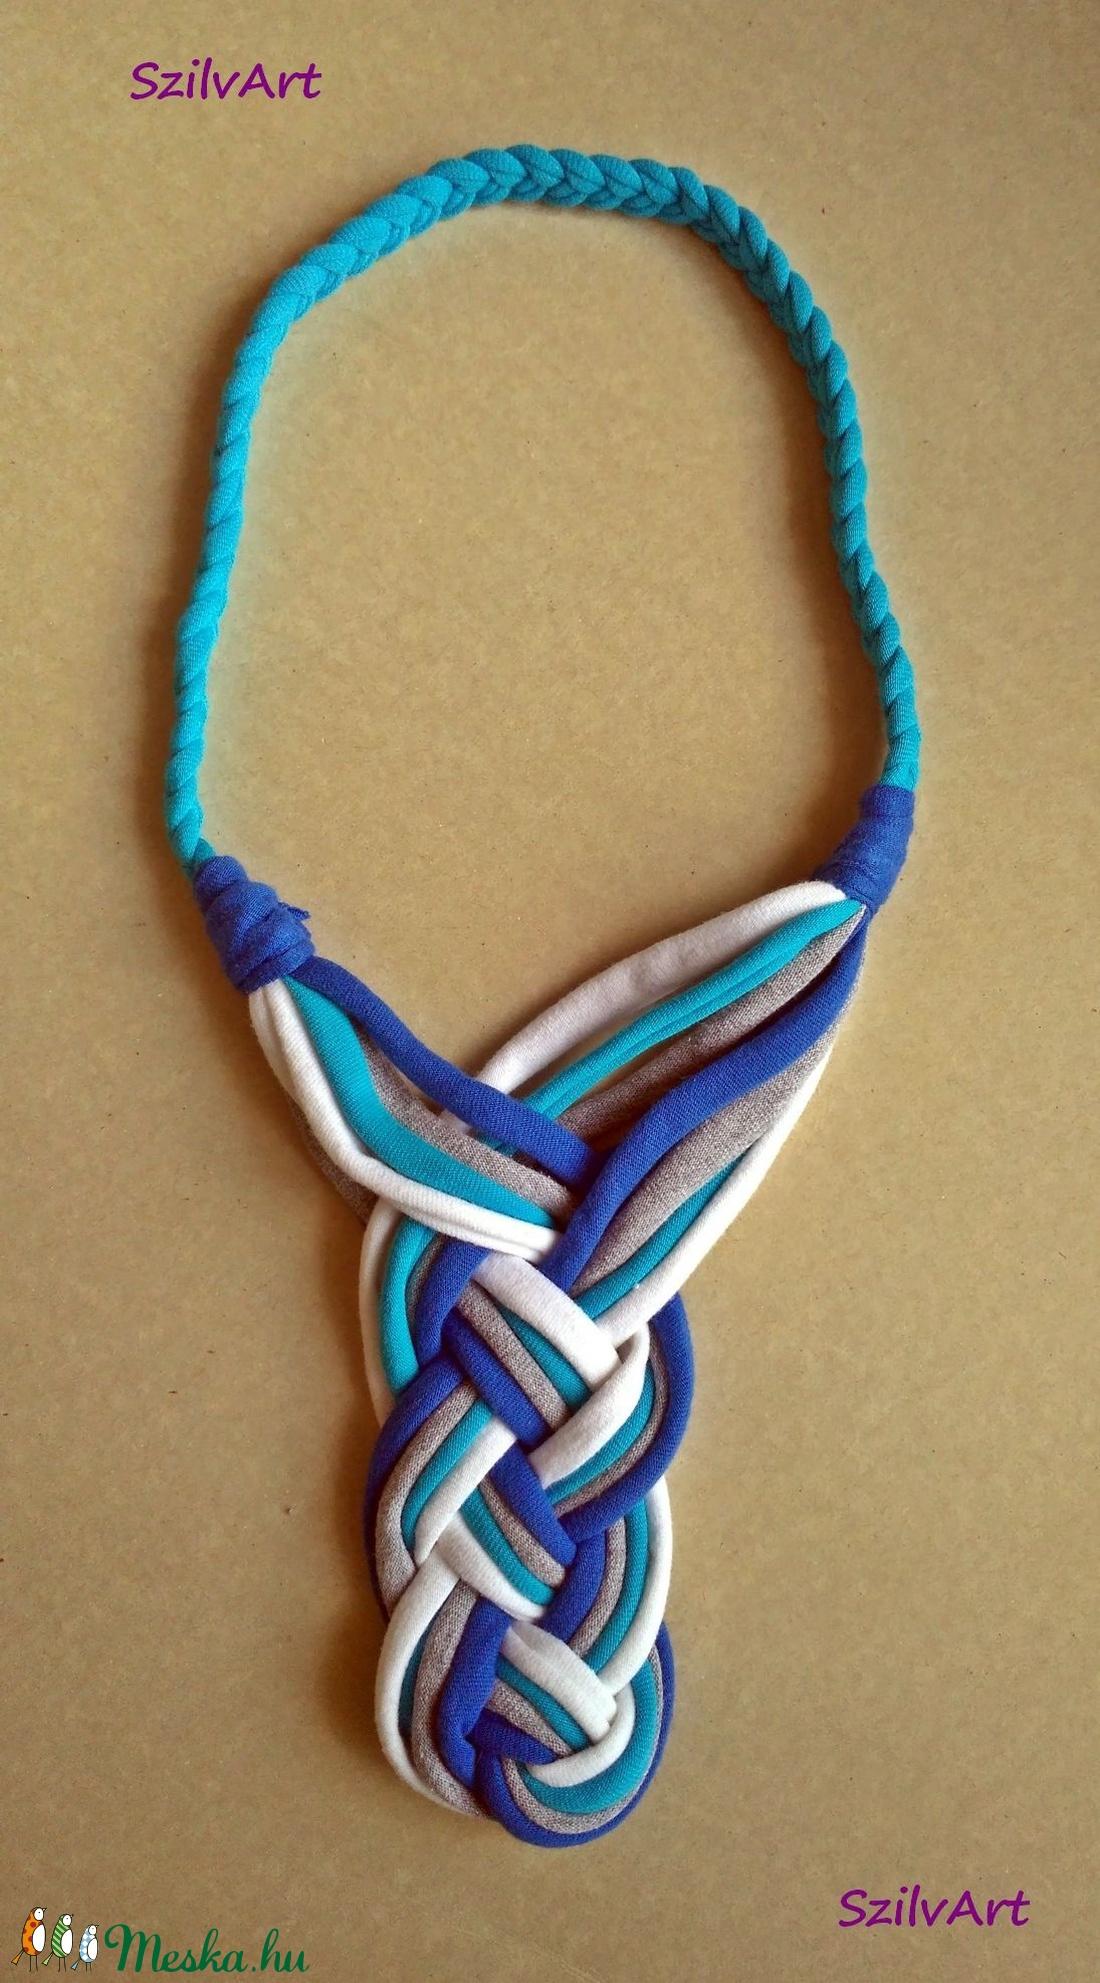 Tekerve font textil nyaklánc - kék-fehér-szürke (artsisters) - Meska.hu